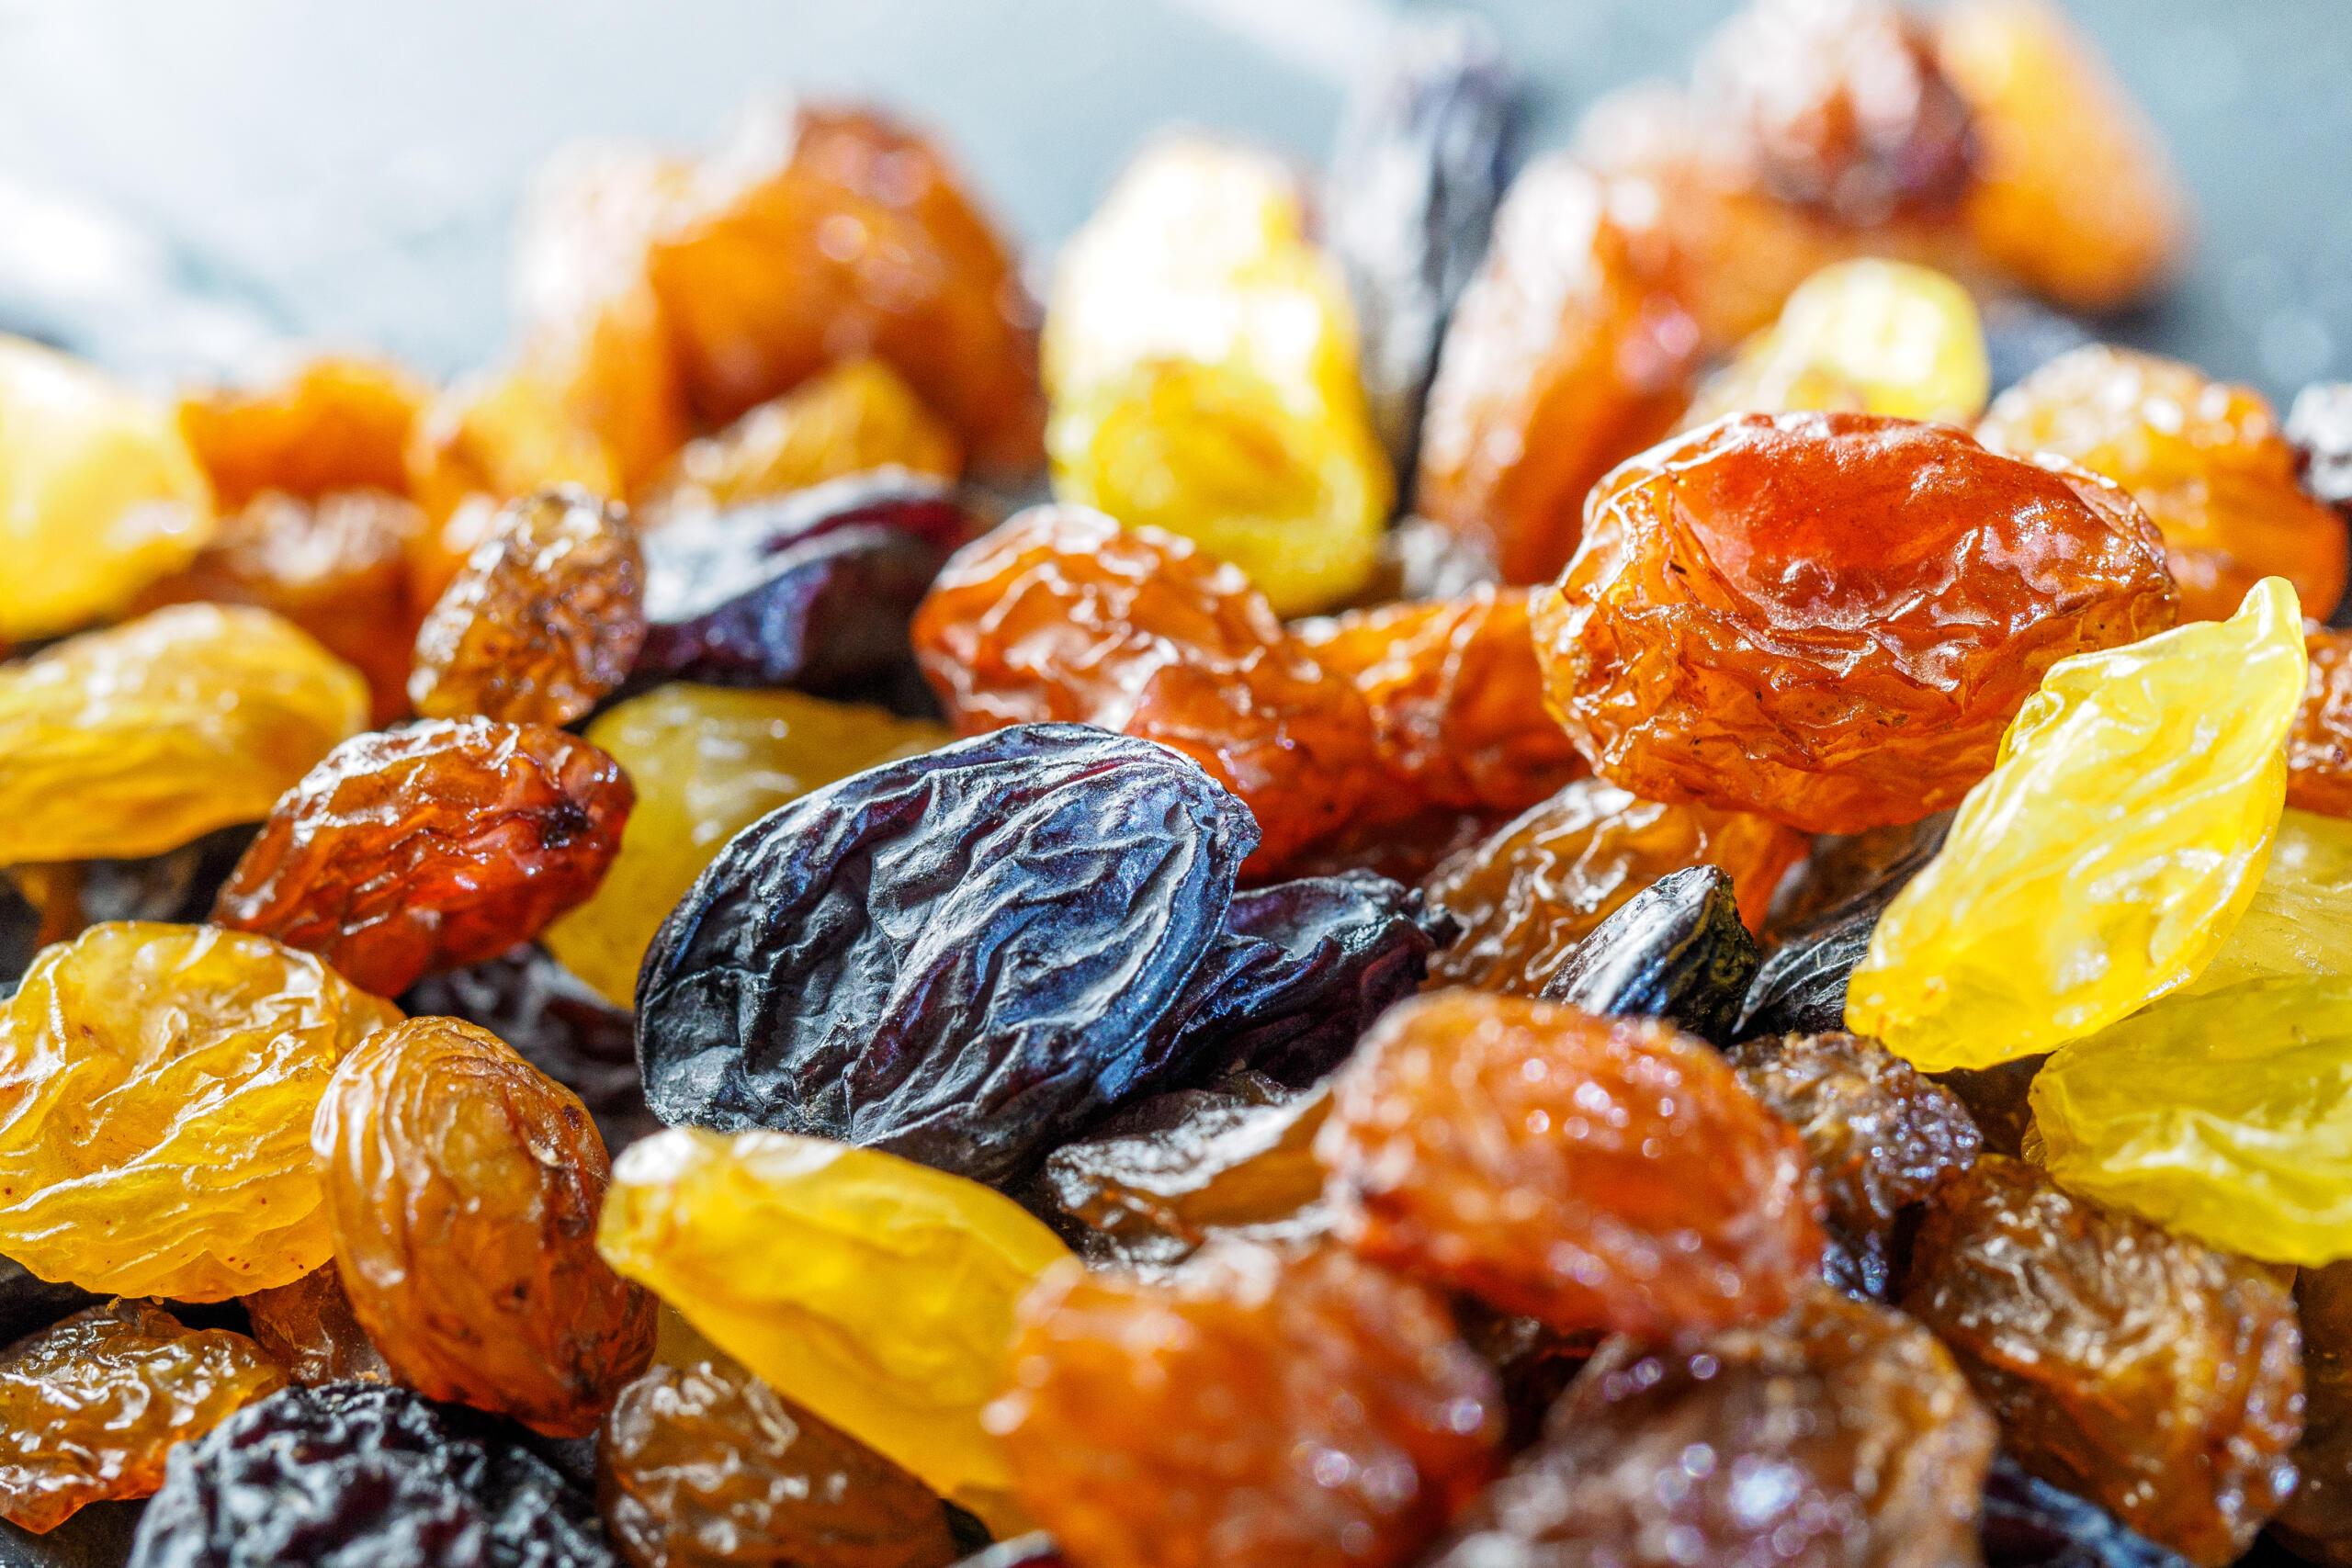 Türkiye'nin besleyici değeri yüksek süper gıdalar ihracatı artıyor!